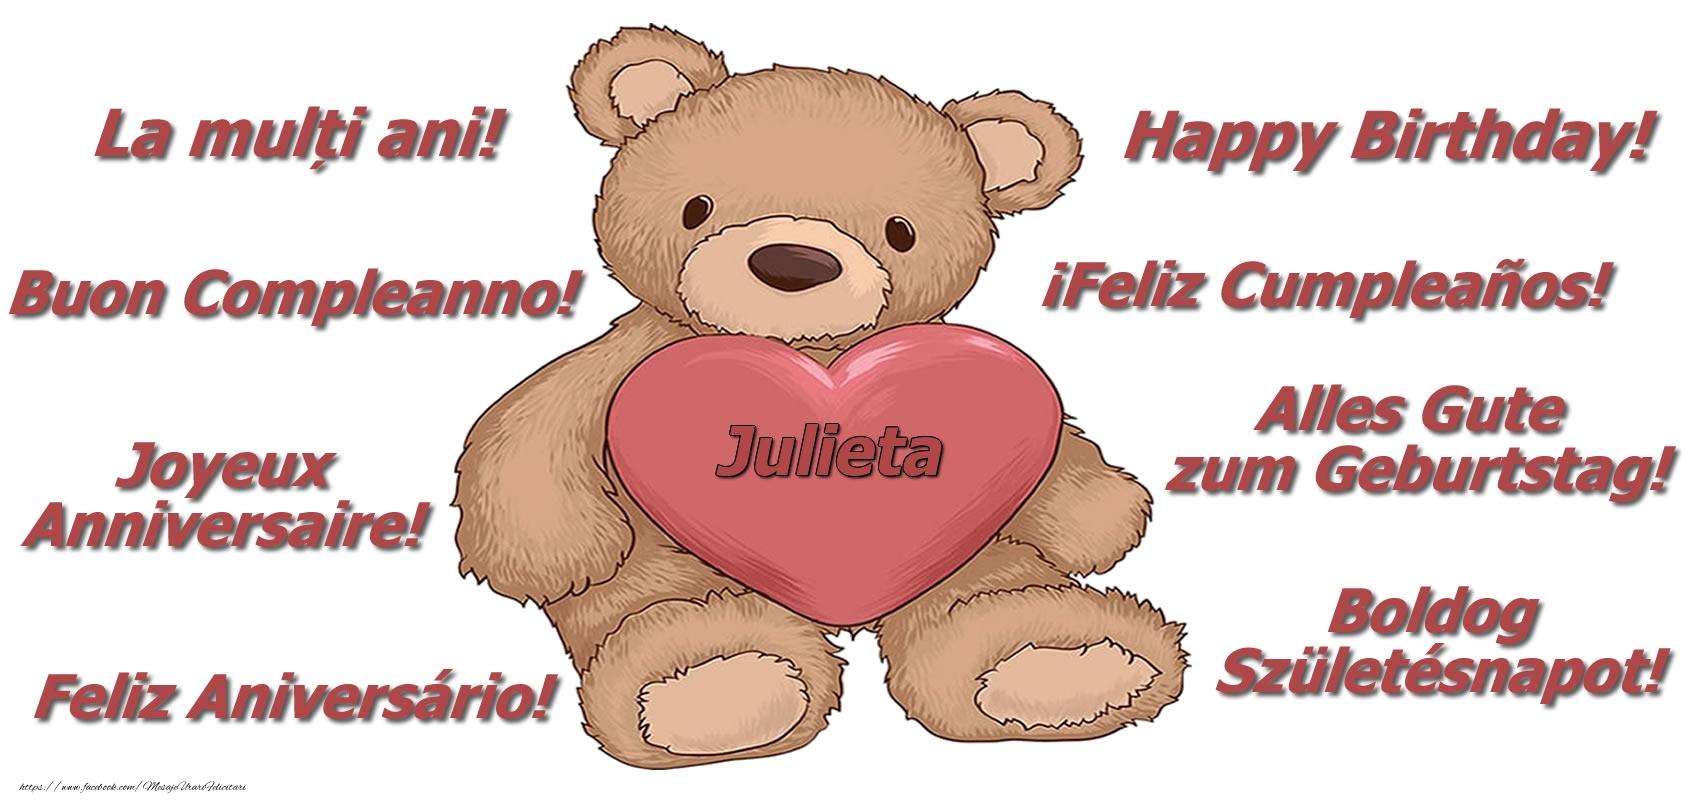 Felicitari de zi de nastere - La multi ani Julieta! - Ursulet